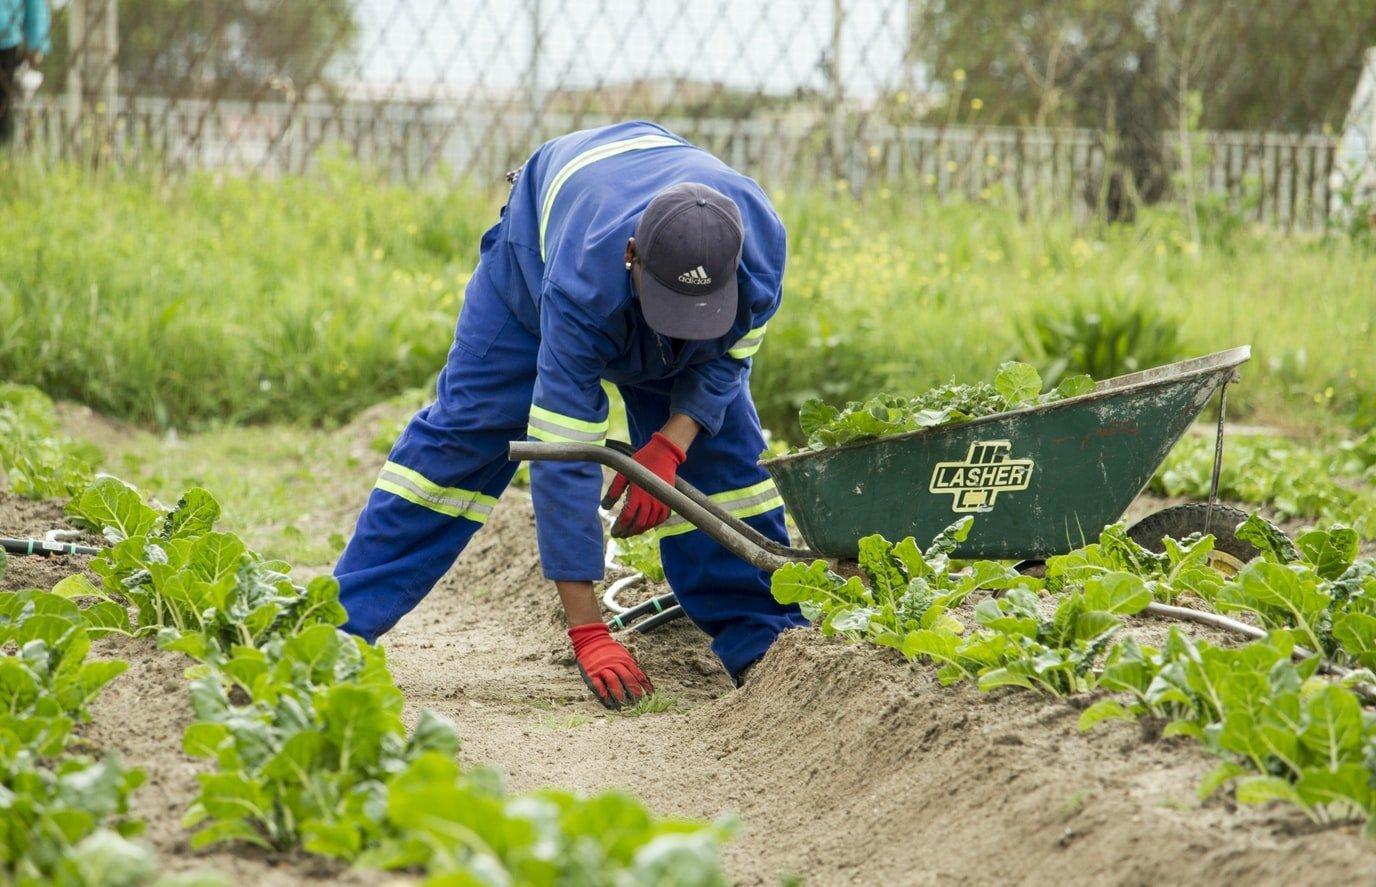 Mann pflanzt Setzlinge in Landwirtschaftlichem Betrieb in Südafrika